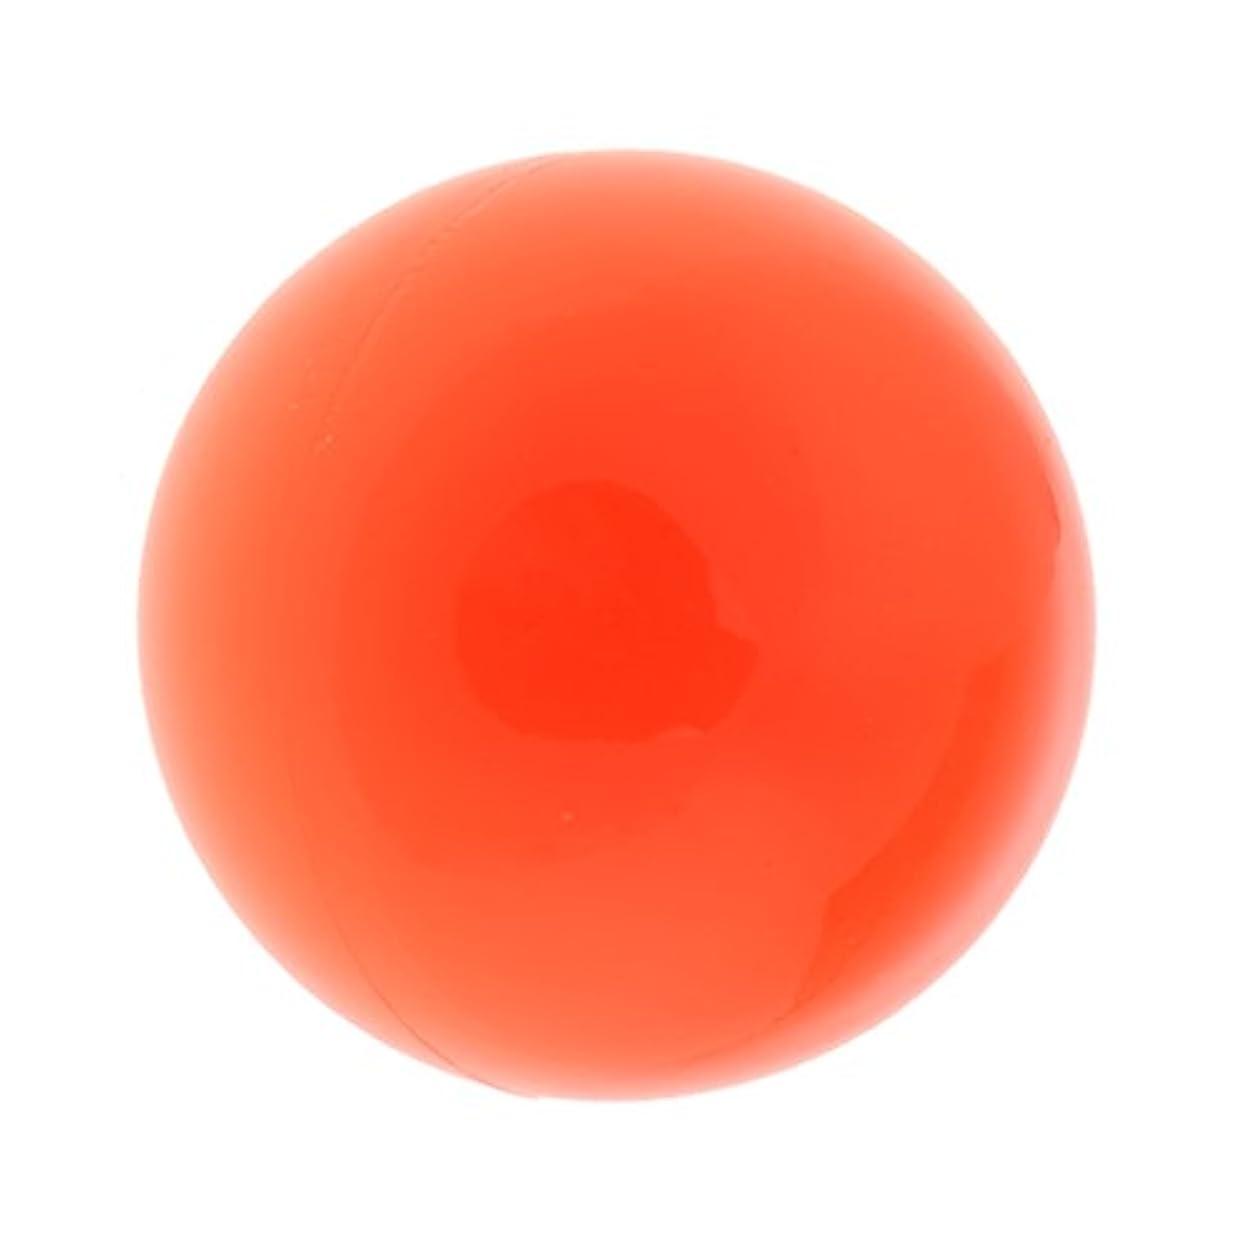 半円要塞不屈Fenteer ラクロスマッサージボール マッサージボール マッサージ 手のひら 足 腕 首 背中 足首 ジム ホーム 便利 オレンジ